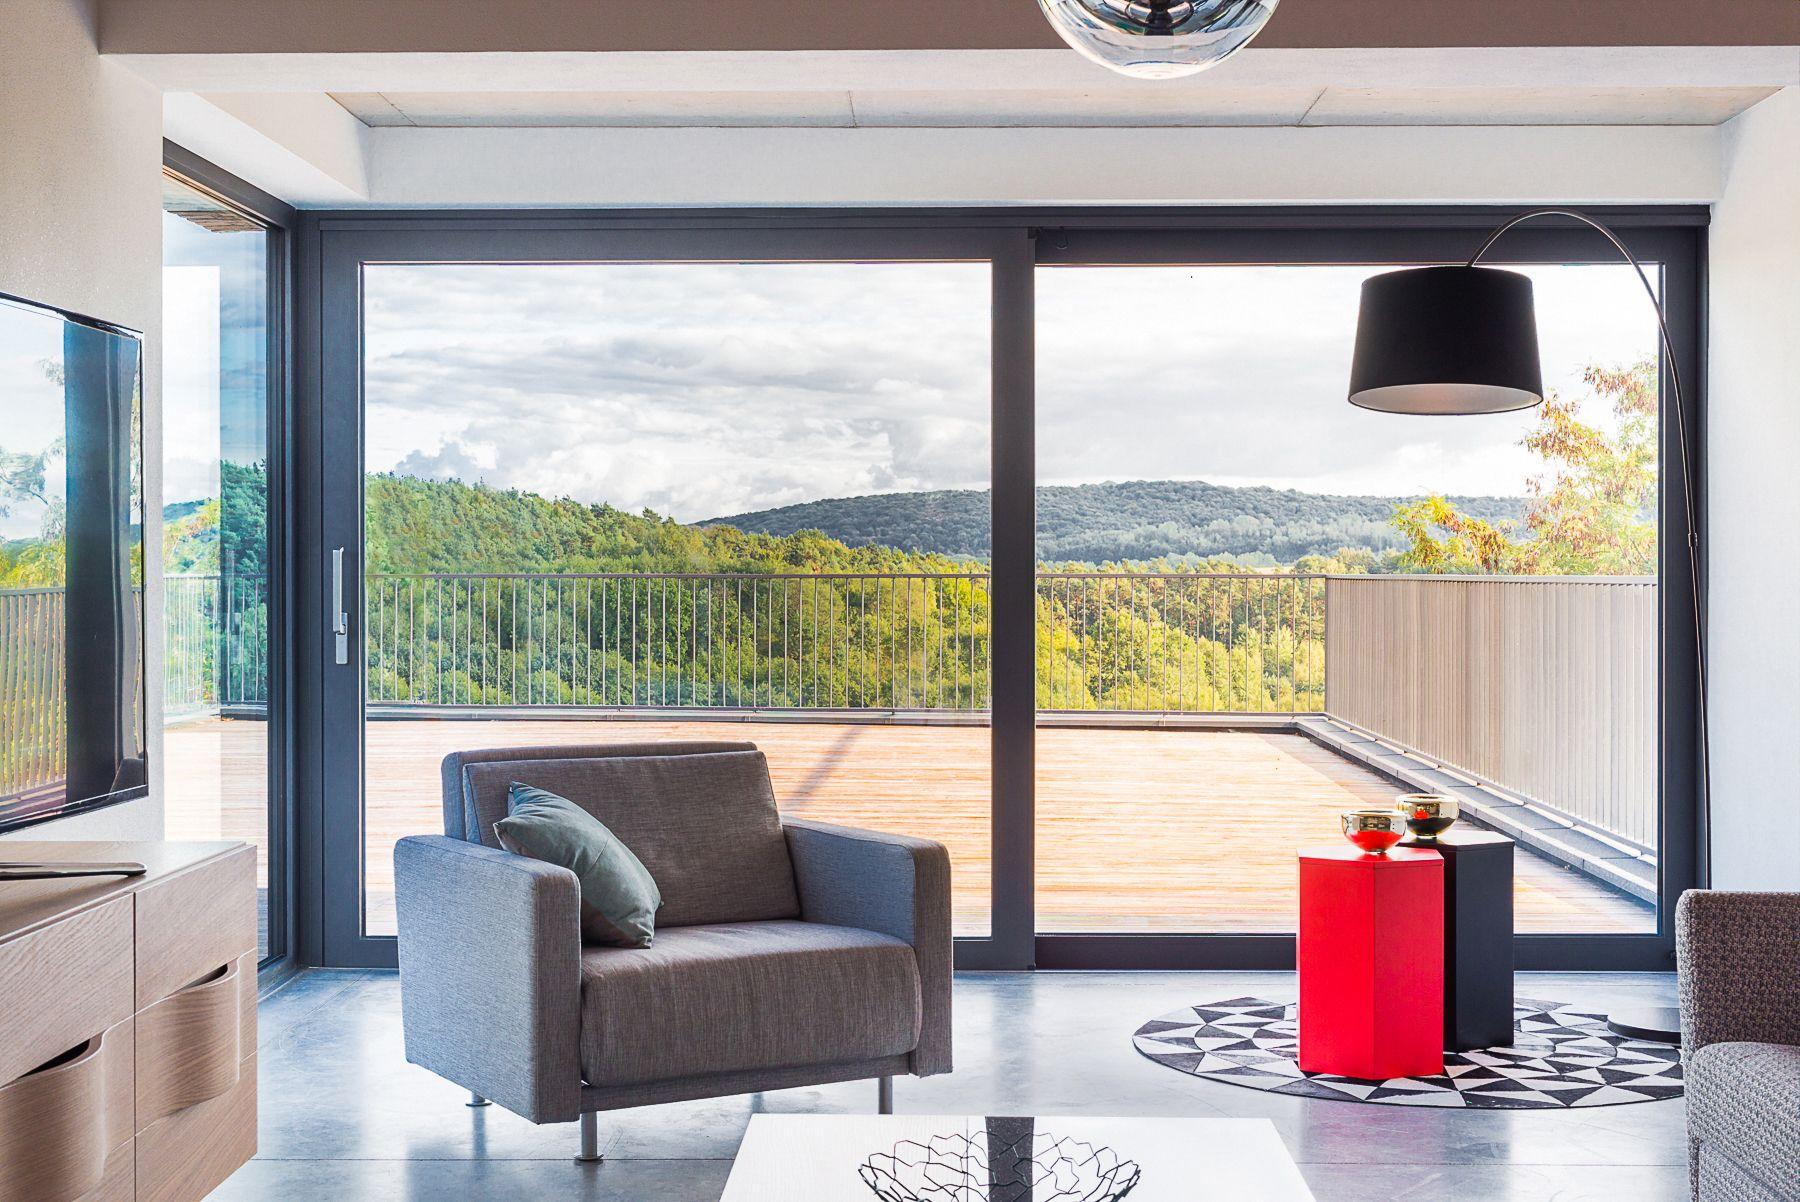 la grande baie vitr e est la solution id ale pour profiter au maximum de la lumi re naturelle. Black Bedroom Furniture Sets. Home Design Ideas